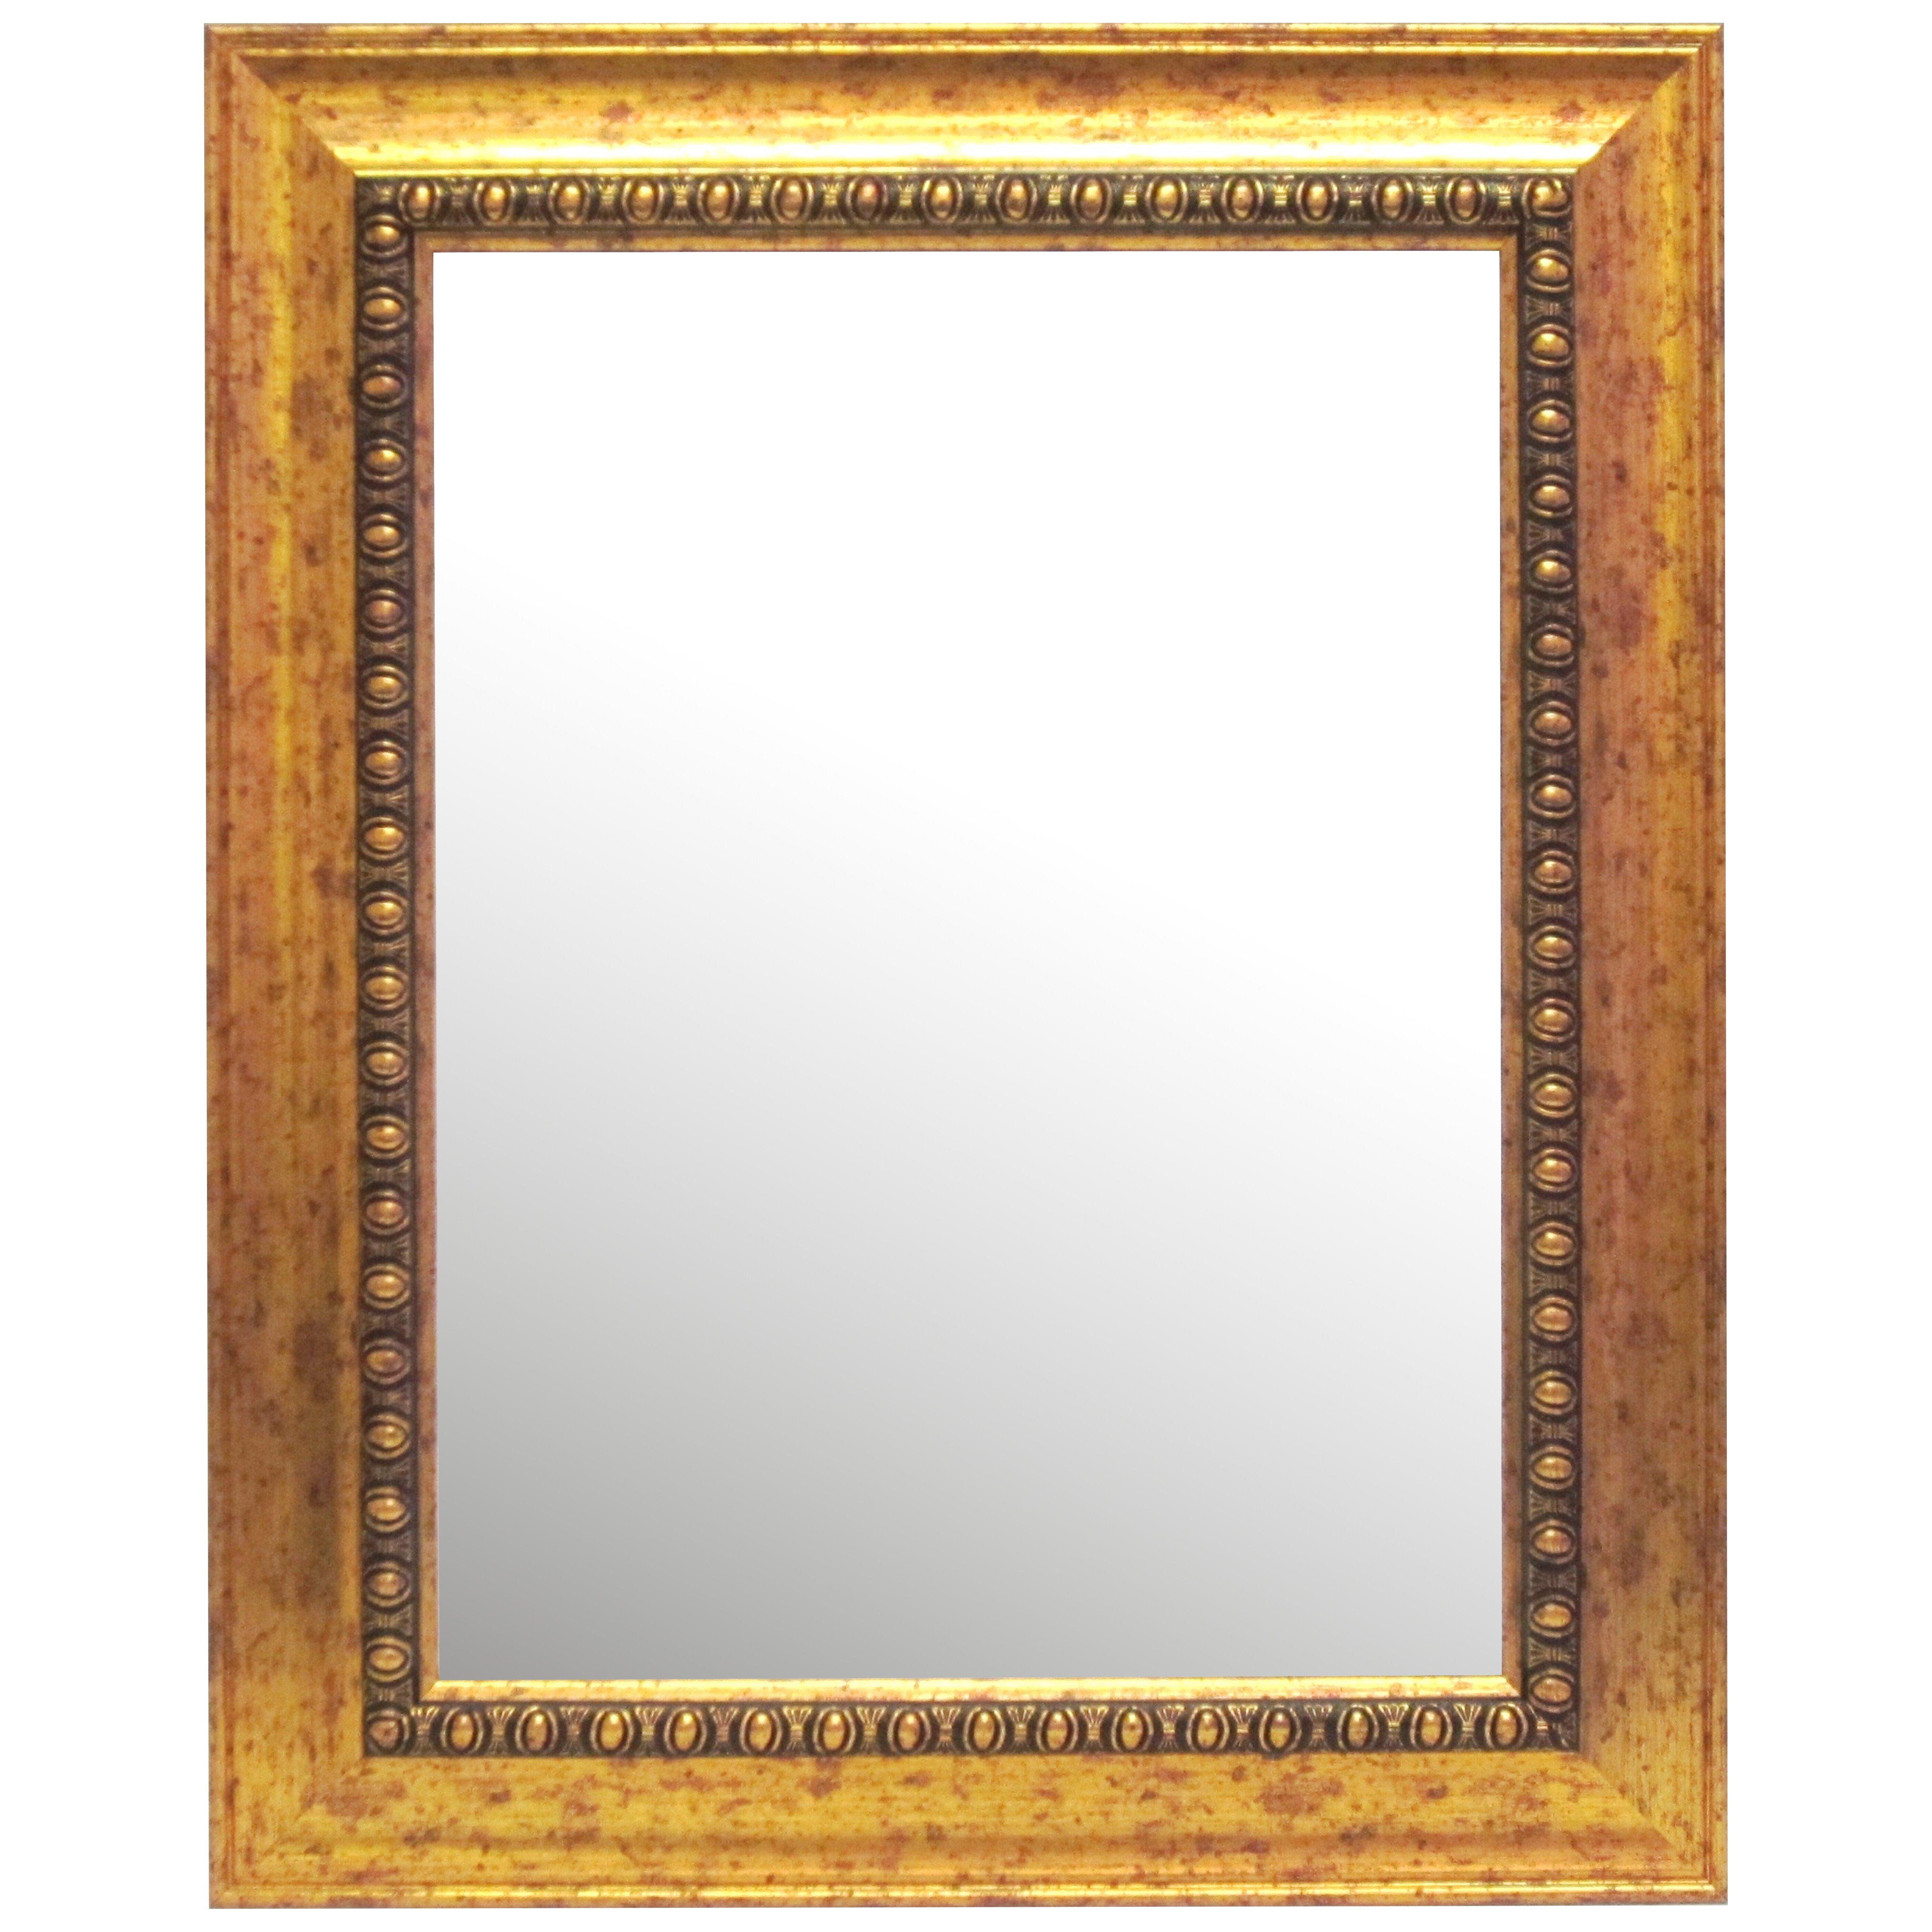 Beveled framed mirror